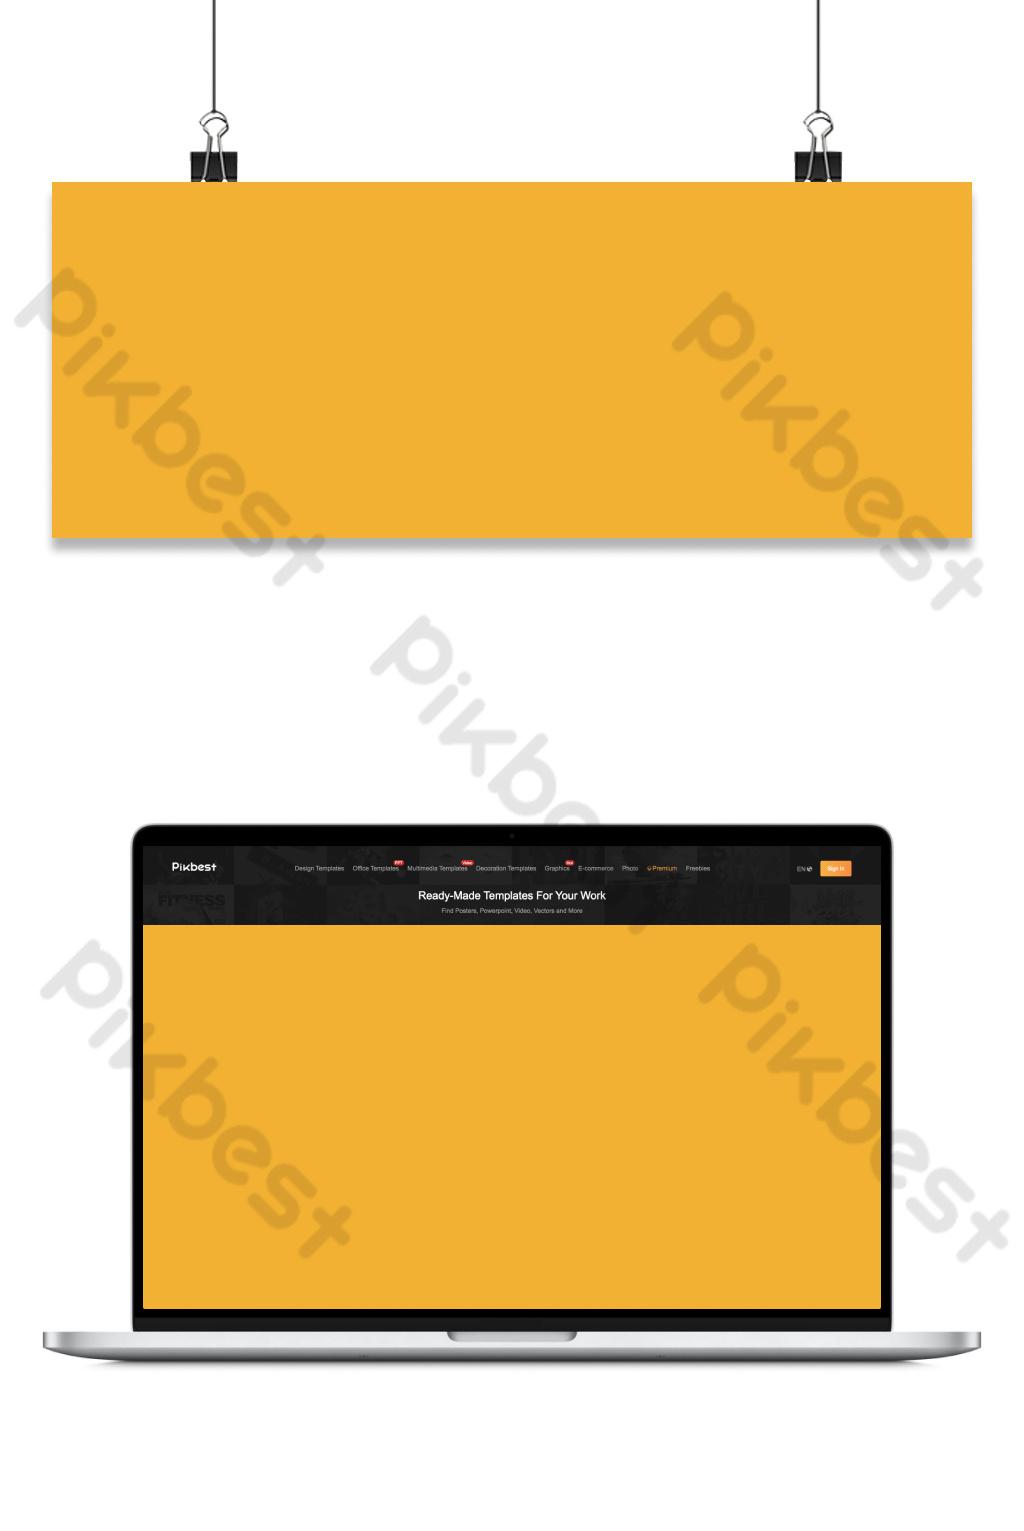 latar belakang kartun latar rumput hijau latar belakang psd percuma muat turun pikbest pikbest